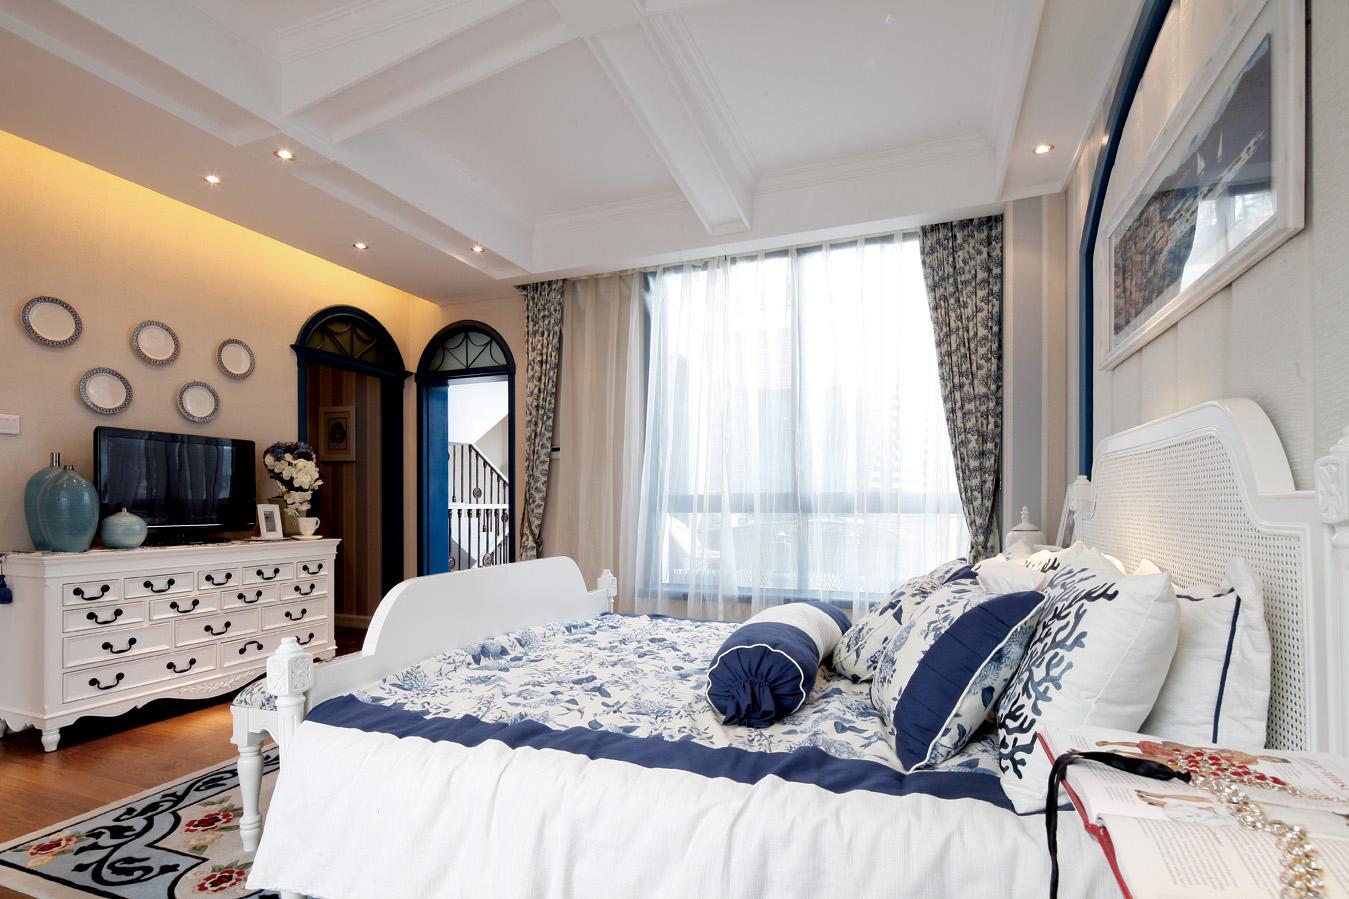 别墅 旧房改造 地中海风格 loft装修 卧室图片来自元洲装饰木子在地中海风格装修设计的分享